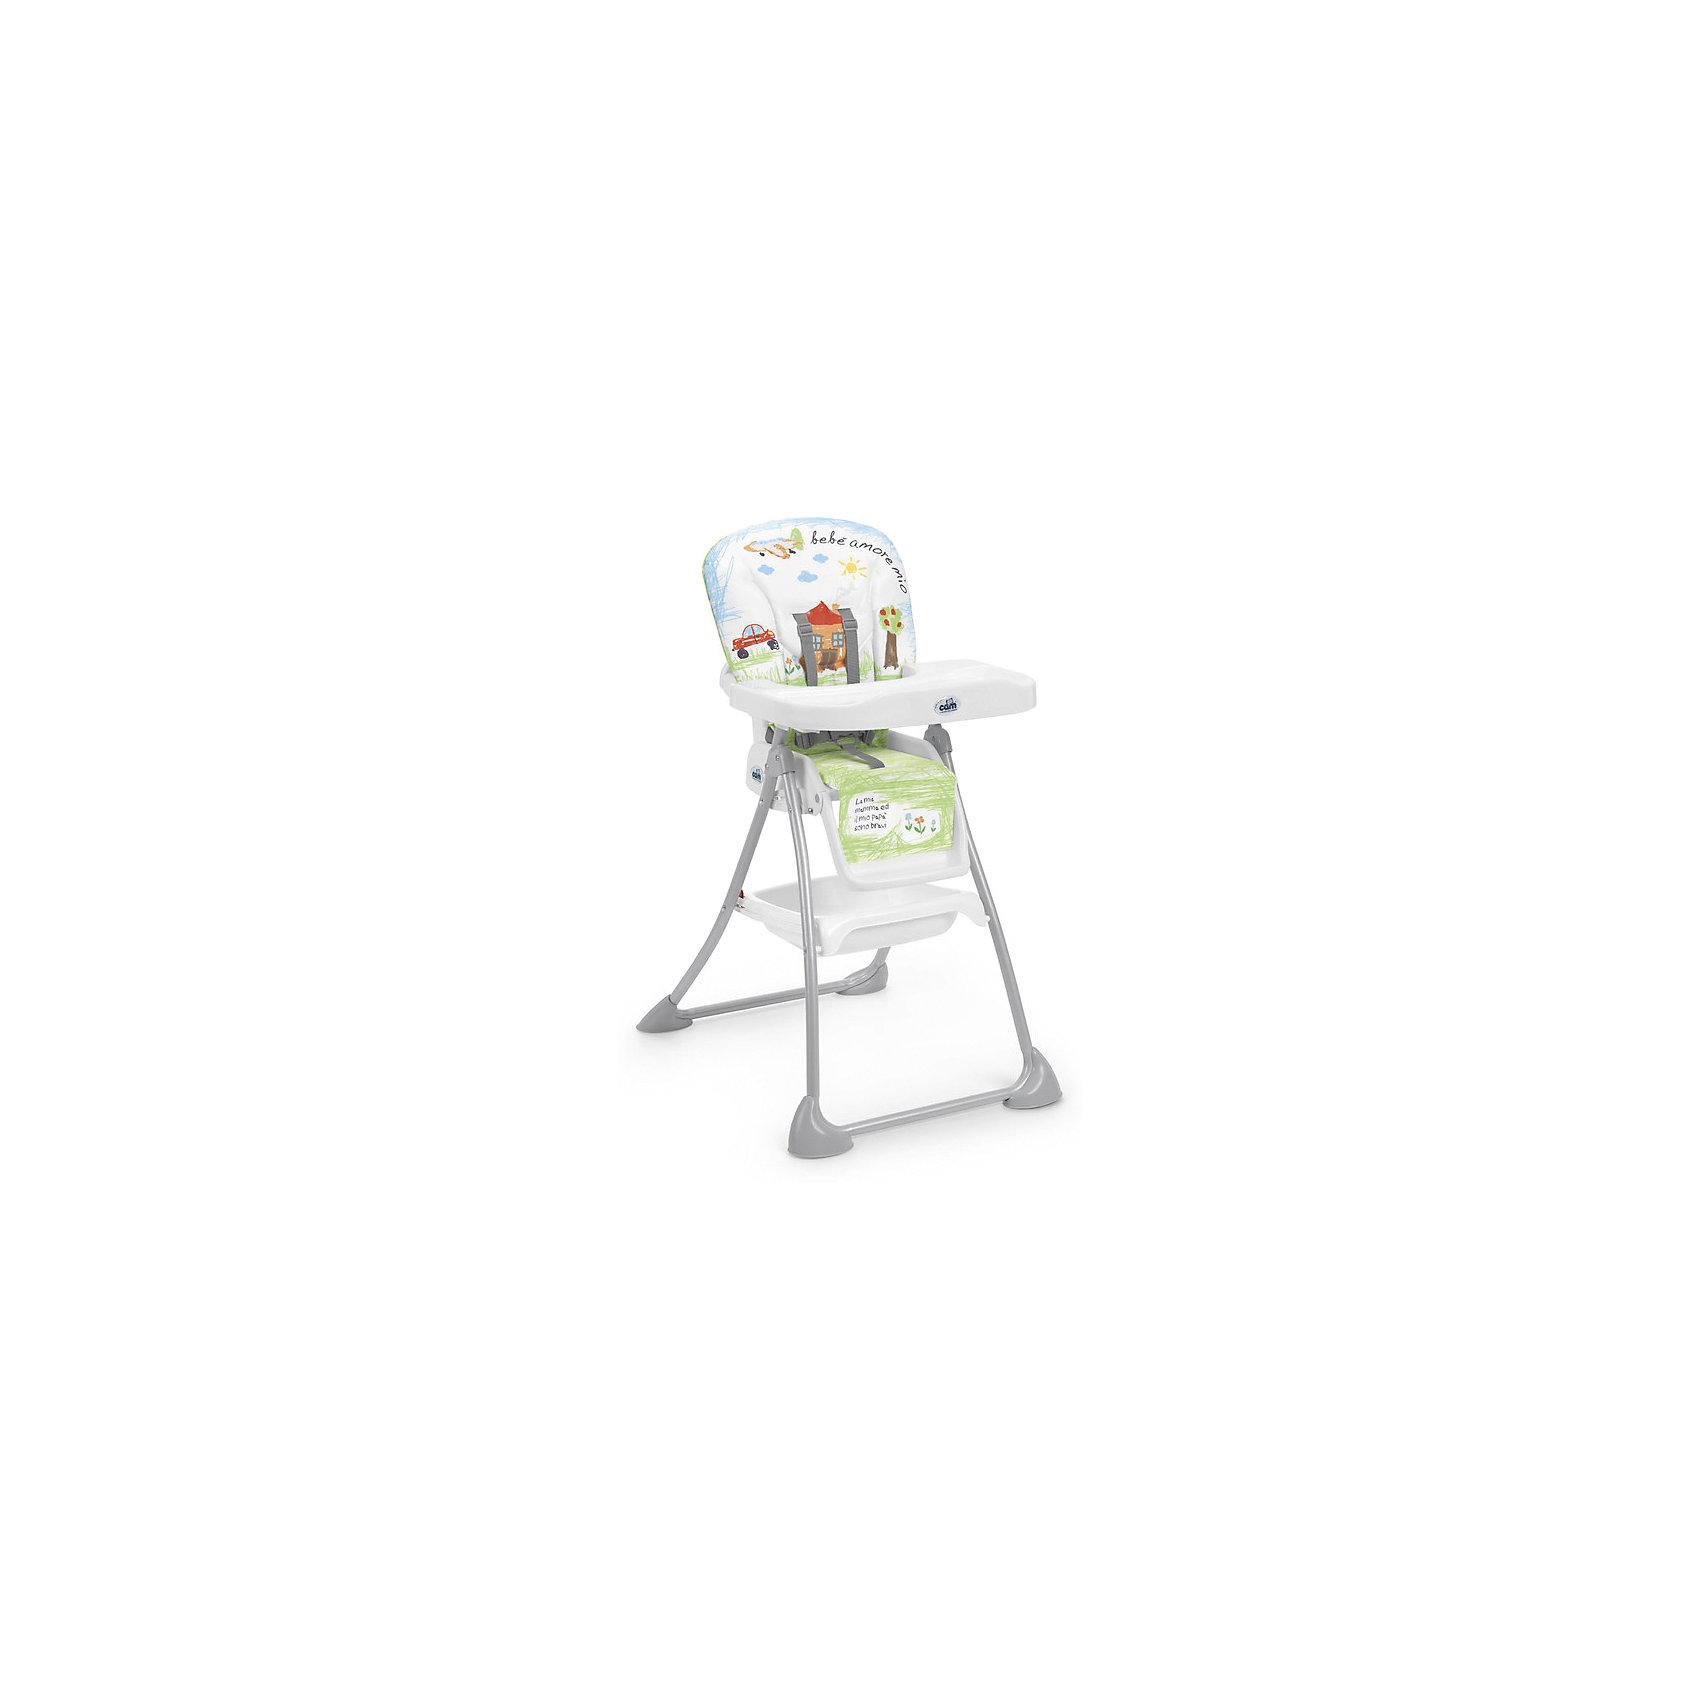 Стульчик для кормления Mini Plus, CAM, Bebe amore mioСтульчик для кормления Mini Plus, CAM, Bebe amore mio обеспечивает удобство при кормлении.<br>Очень компактный и легкий стул создает максимальный комфорт для ребенка. Он регулируется: наклон спинки и высота сиденья, положение и высота опоры для ног в трех режимах. Поднос можно снять. Кроме того, у стульчика чехол из эко-кожи, который можно снять и легко помыть. Ножки с защитными насадками против скольжения. Для безопасности ребенка 5-точечный ремень безопасности. Есть отделение, в котором можно хранить продукты.<br><br>Дополнительная информация:<br><br>- размер в открытом виде: 62х83х111 см<br>- размер в сложенном виде: 62х23х109 см<br>- возрастная группа: от 6 месяцев<br>- цвет: белый<br><br>Стульчик для кормления Mini Plus, CAM, Bebe amore mio бежевый можно купить в нашем интернет магазине.<br><br>Ширина мм: 550<br>Глубина мм: 220<br>Высота мм: 995<br>Вес г: 8300<br>Возраст от месяцев: 6<br>Возраст до месяцев: 36<br>Пол: Унисекс<br>Возраст: Детский<br>SKU: 5013518